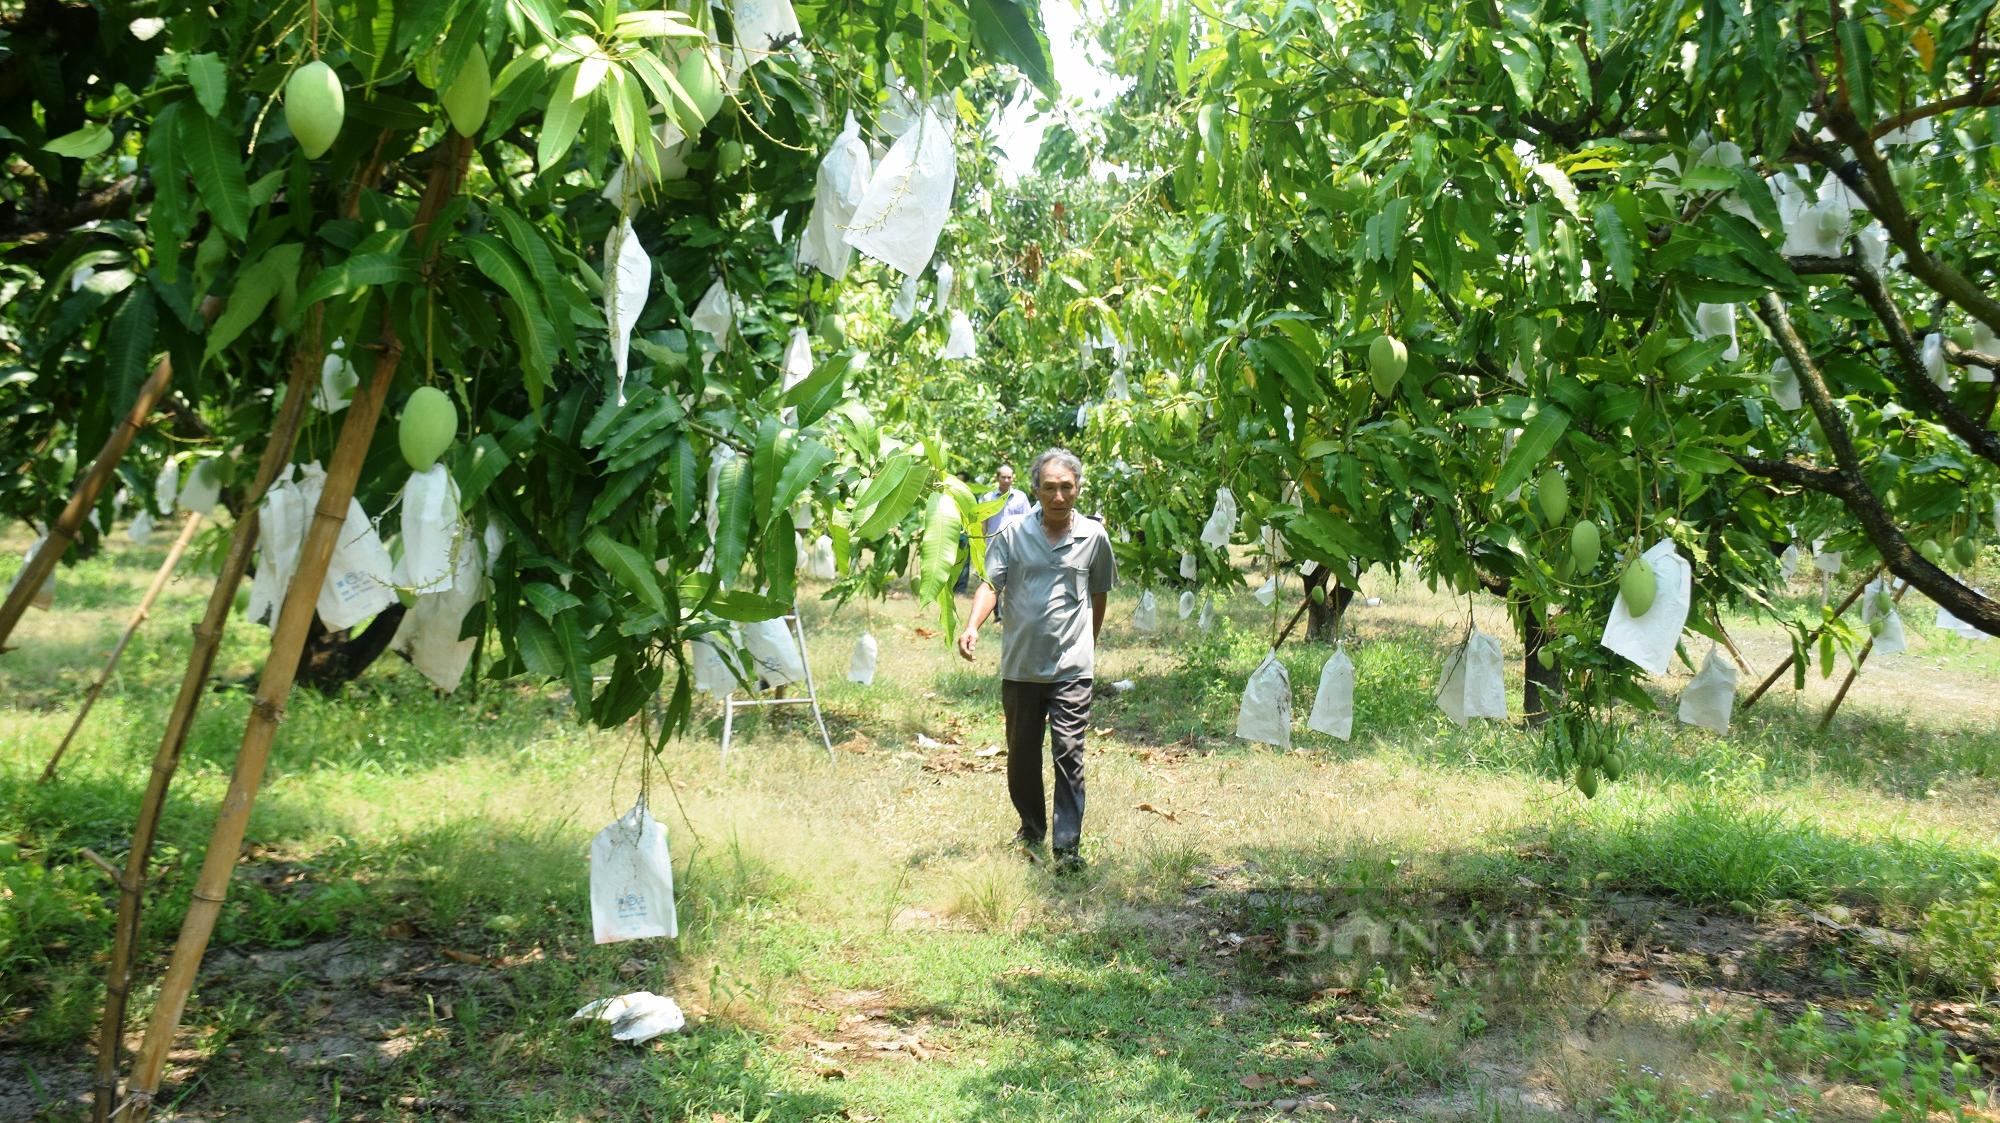 Nhờ cách này, 'thủ phủ' trồng xoát cát ở Bình Định không lo thiếu nước - Ảnh 1.